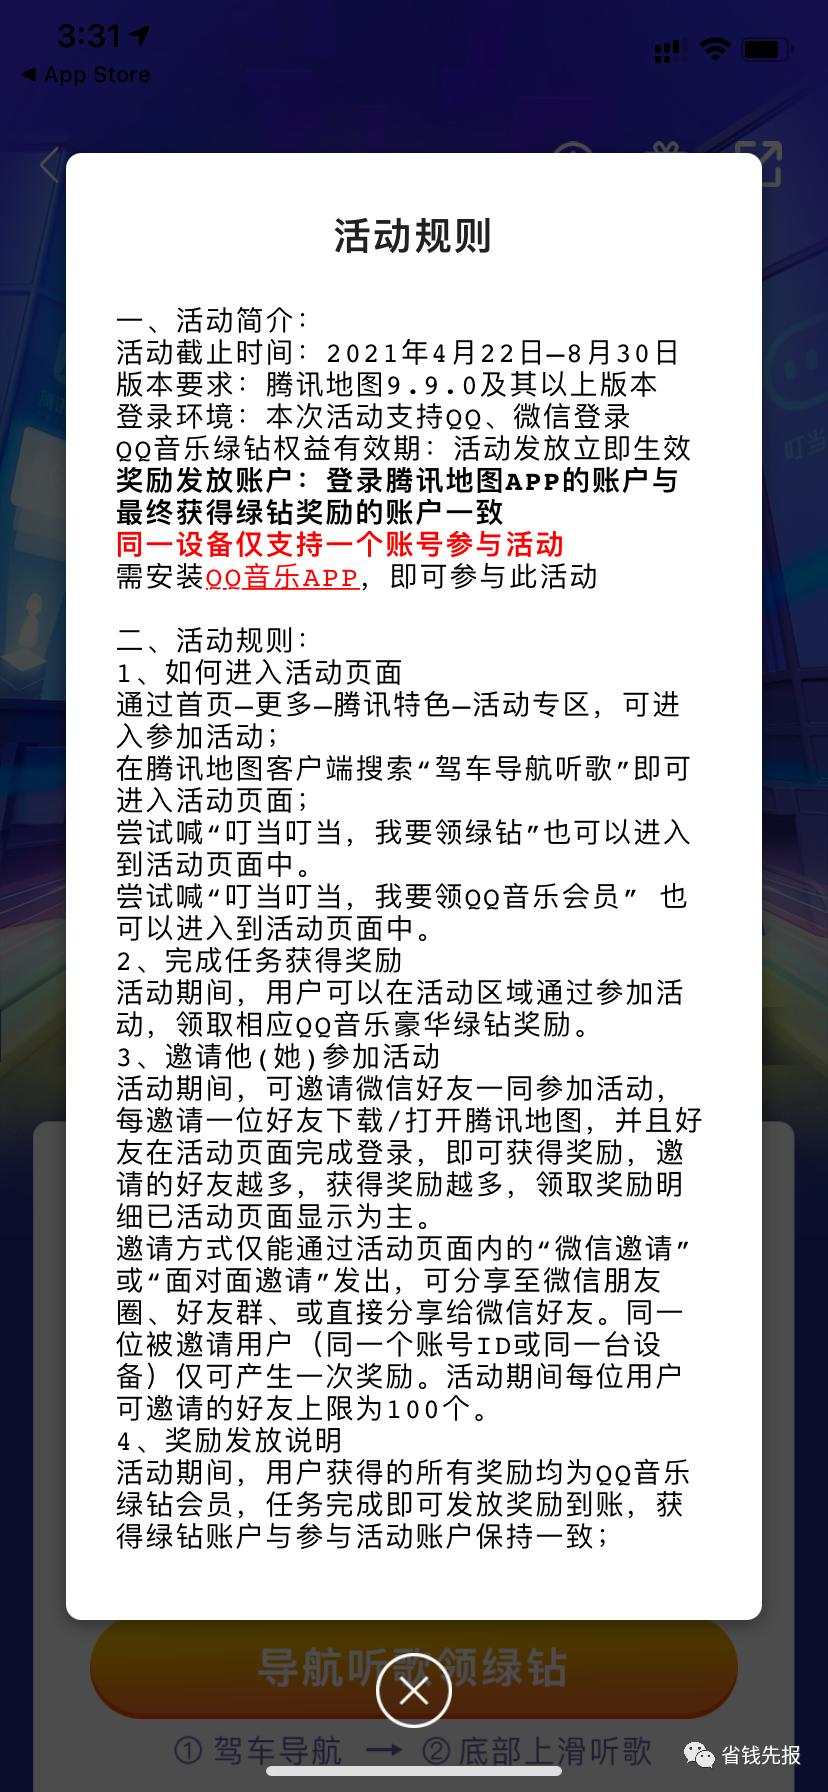 QQ音乐会员豪华绿钻vip3-31天!